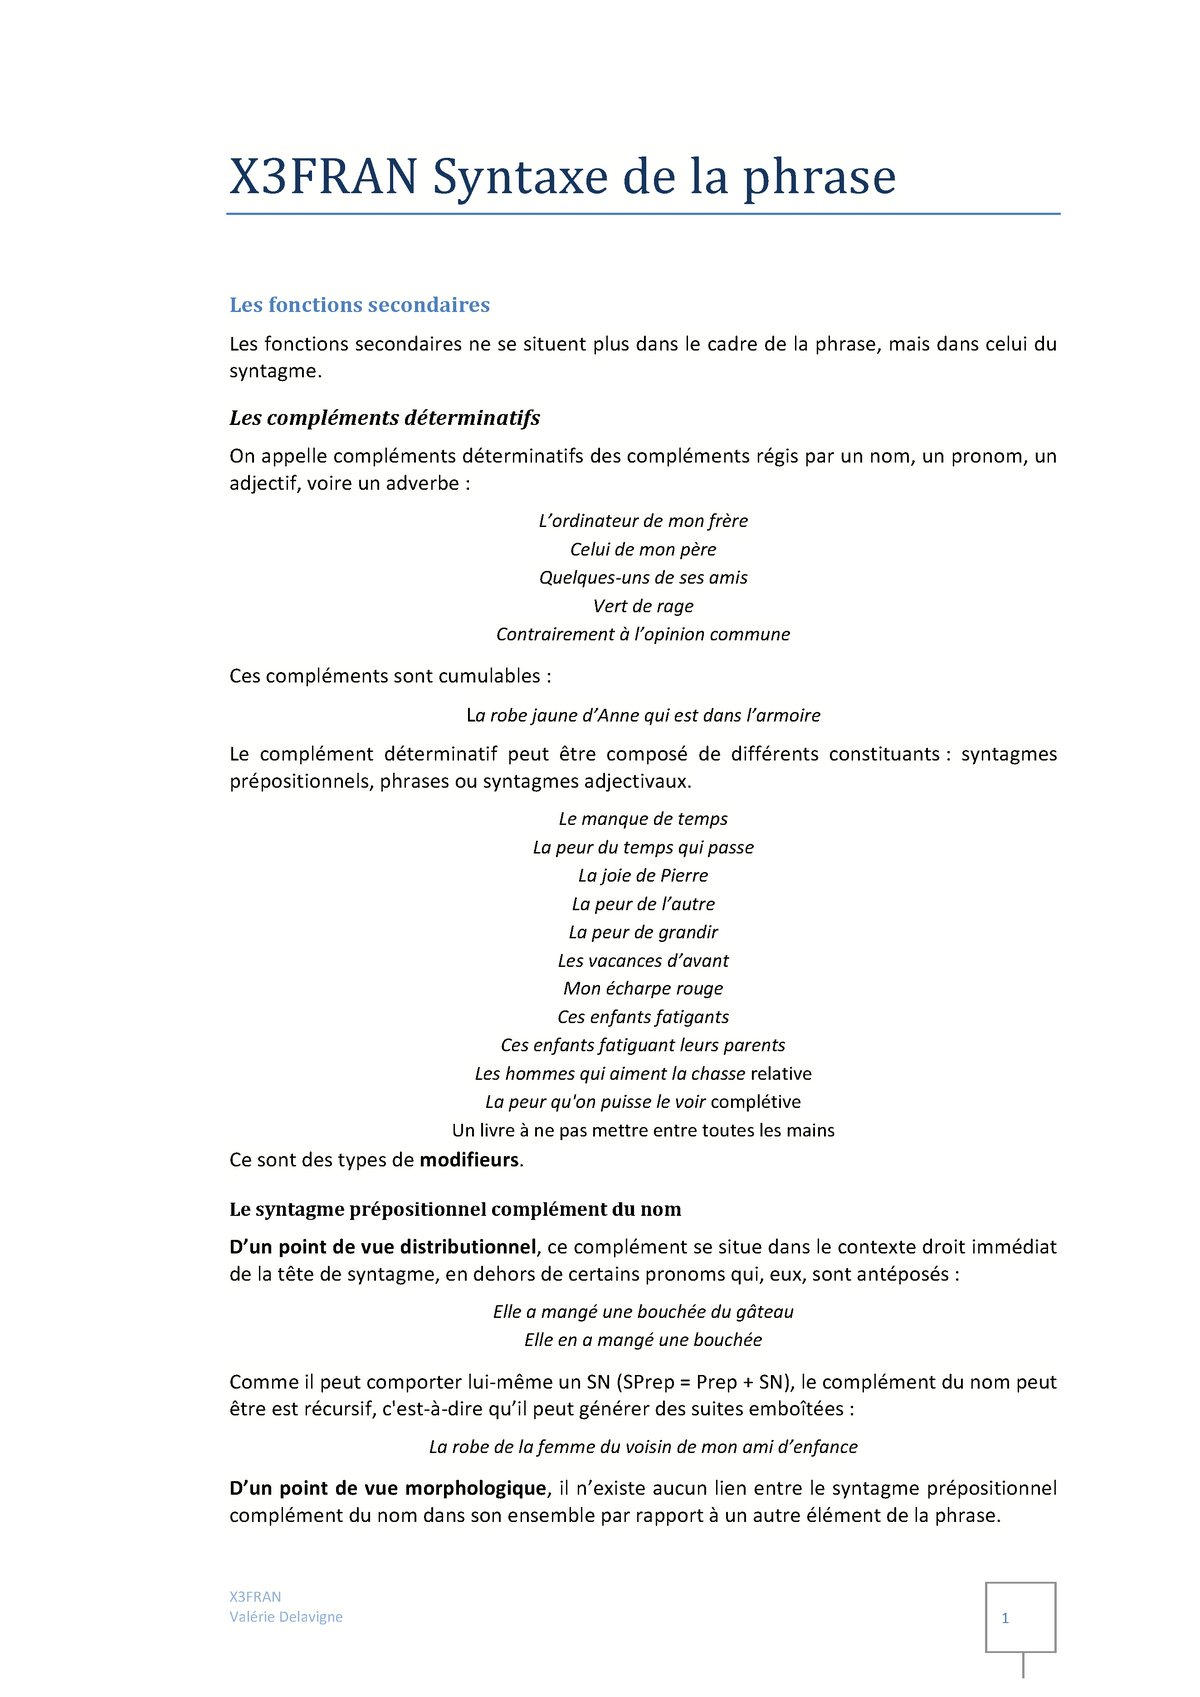 Fonctions Secondaires X3fran 2 Universite Paris 3 Studocu